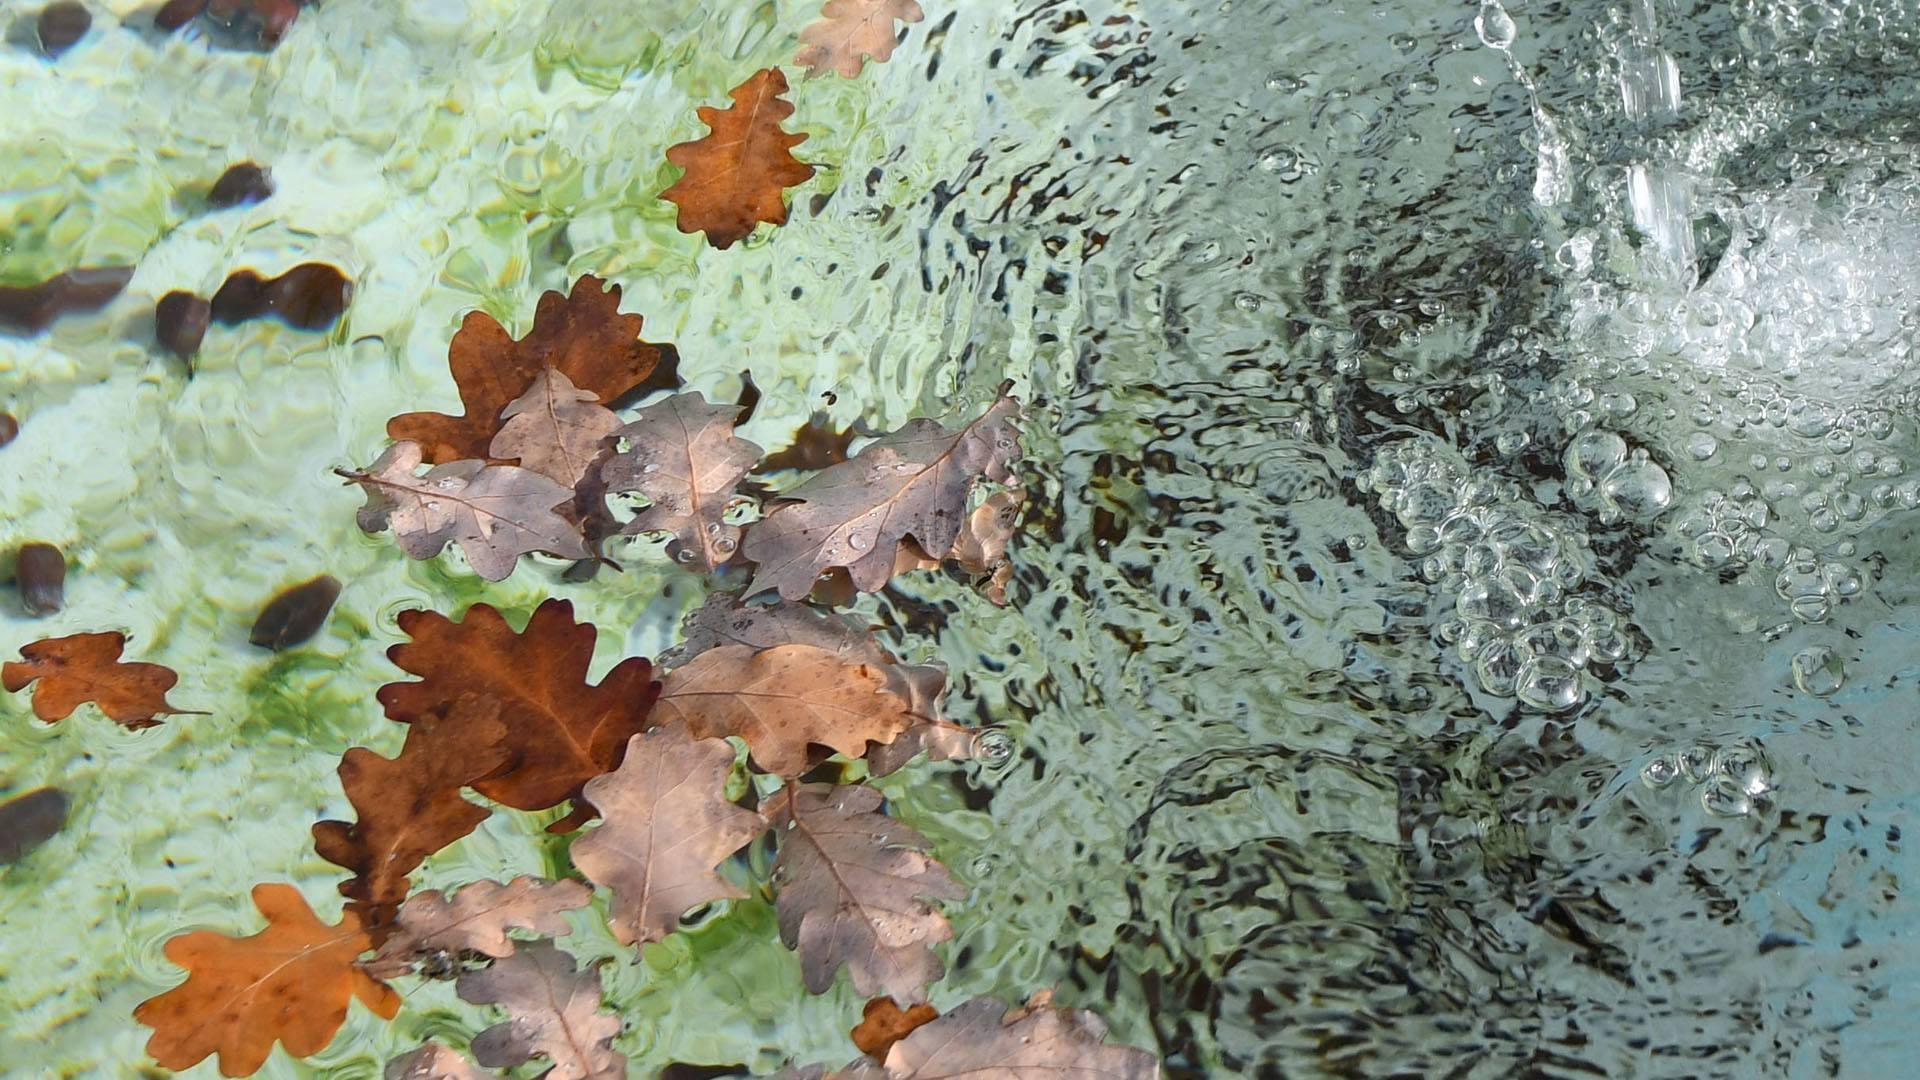 C'est beau l'agglo en automne © Catherine Kohler